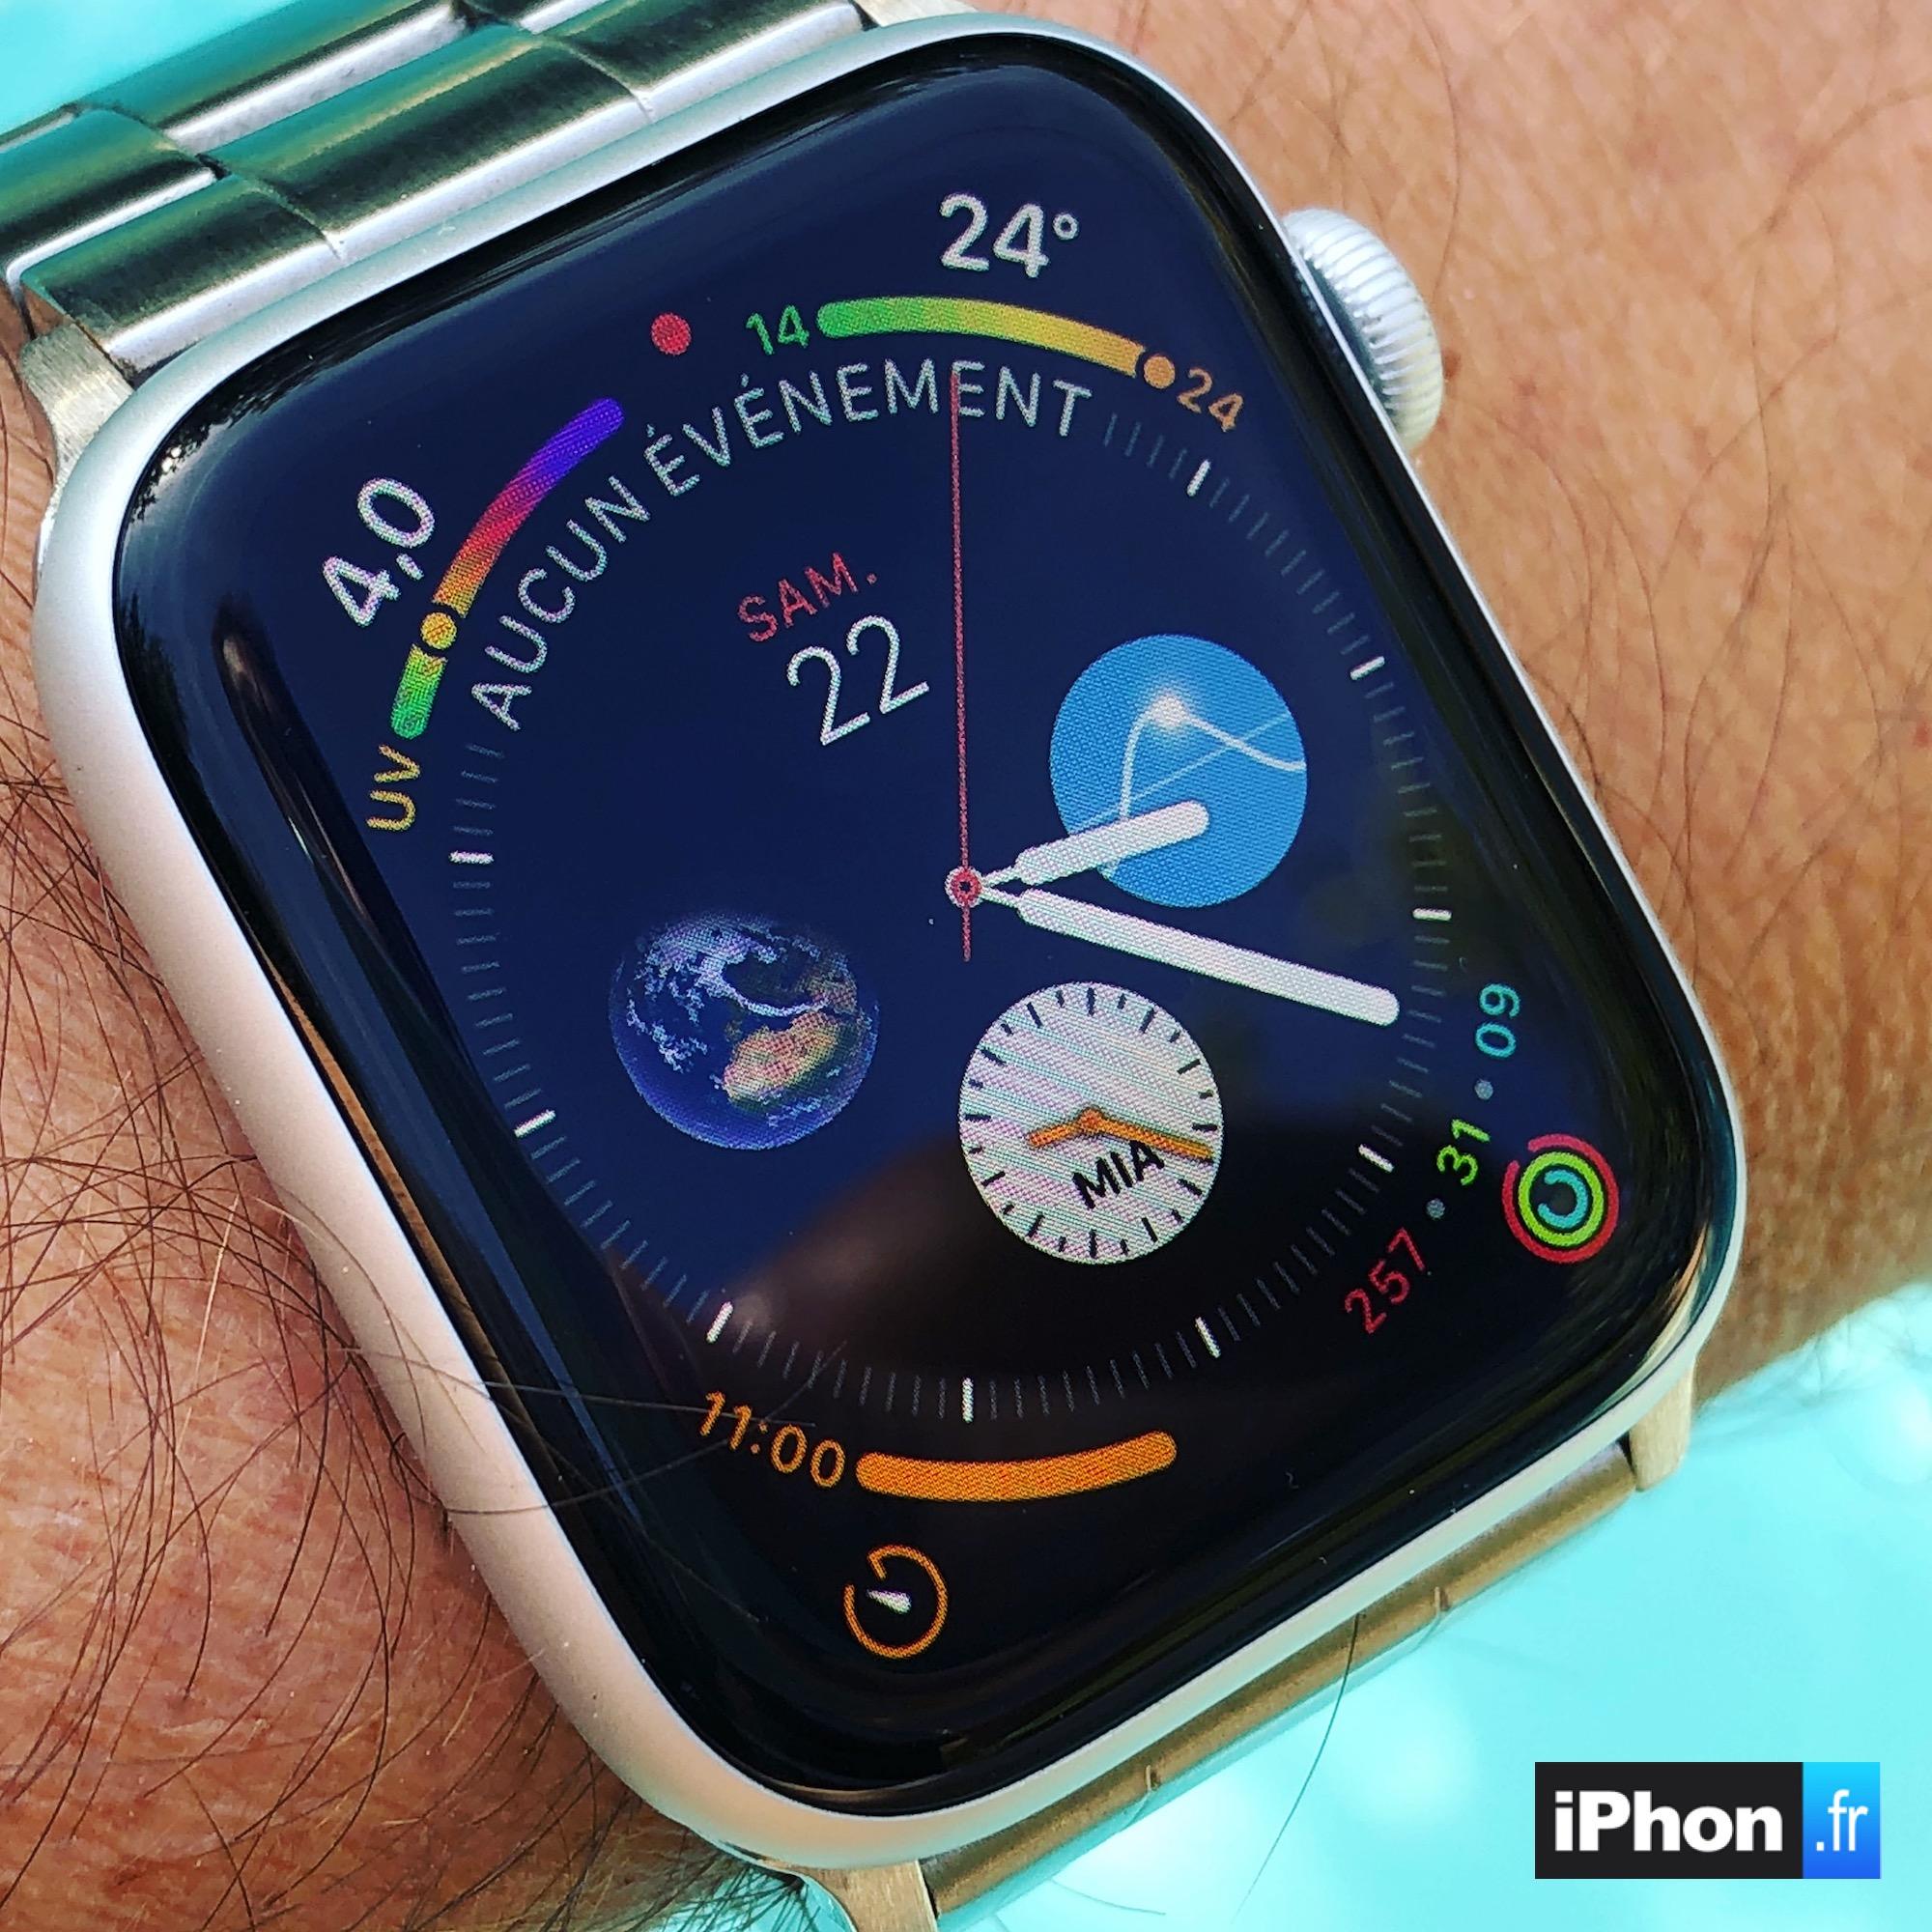 L'Apple Watch au secours d'un norvégien victime d'une chute à son domicile 1